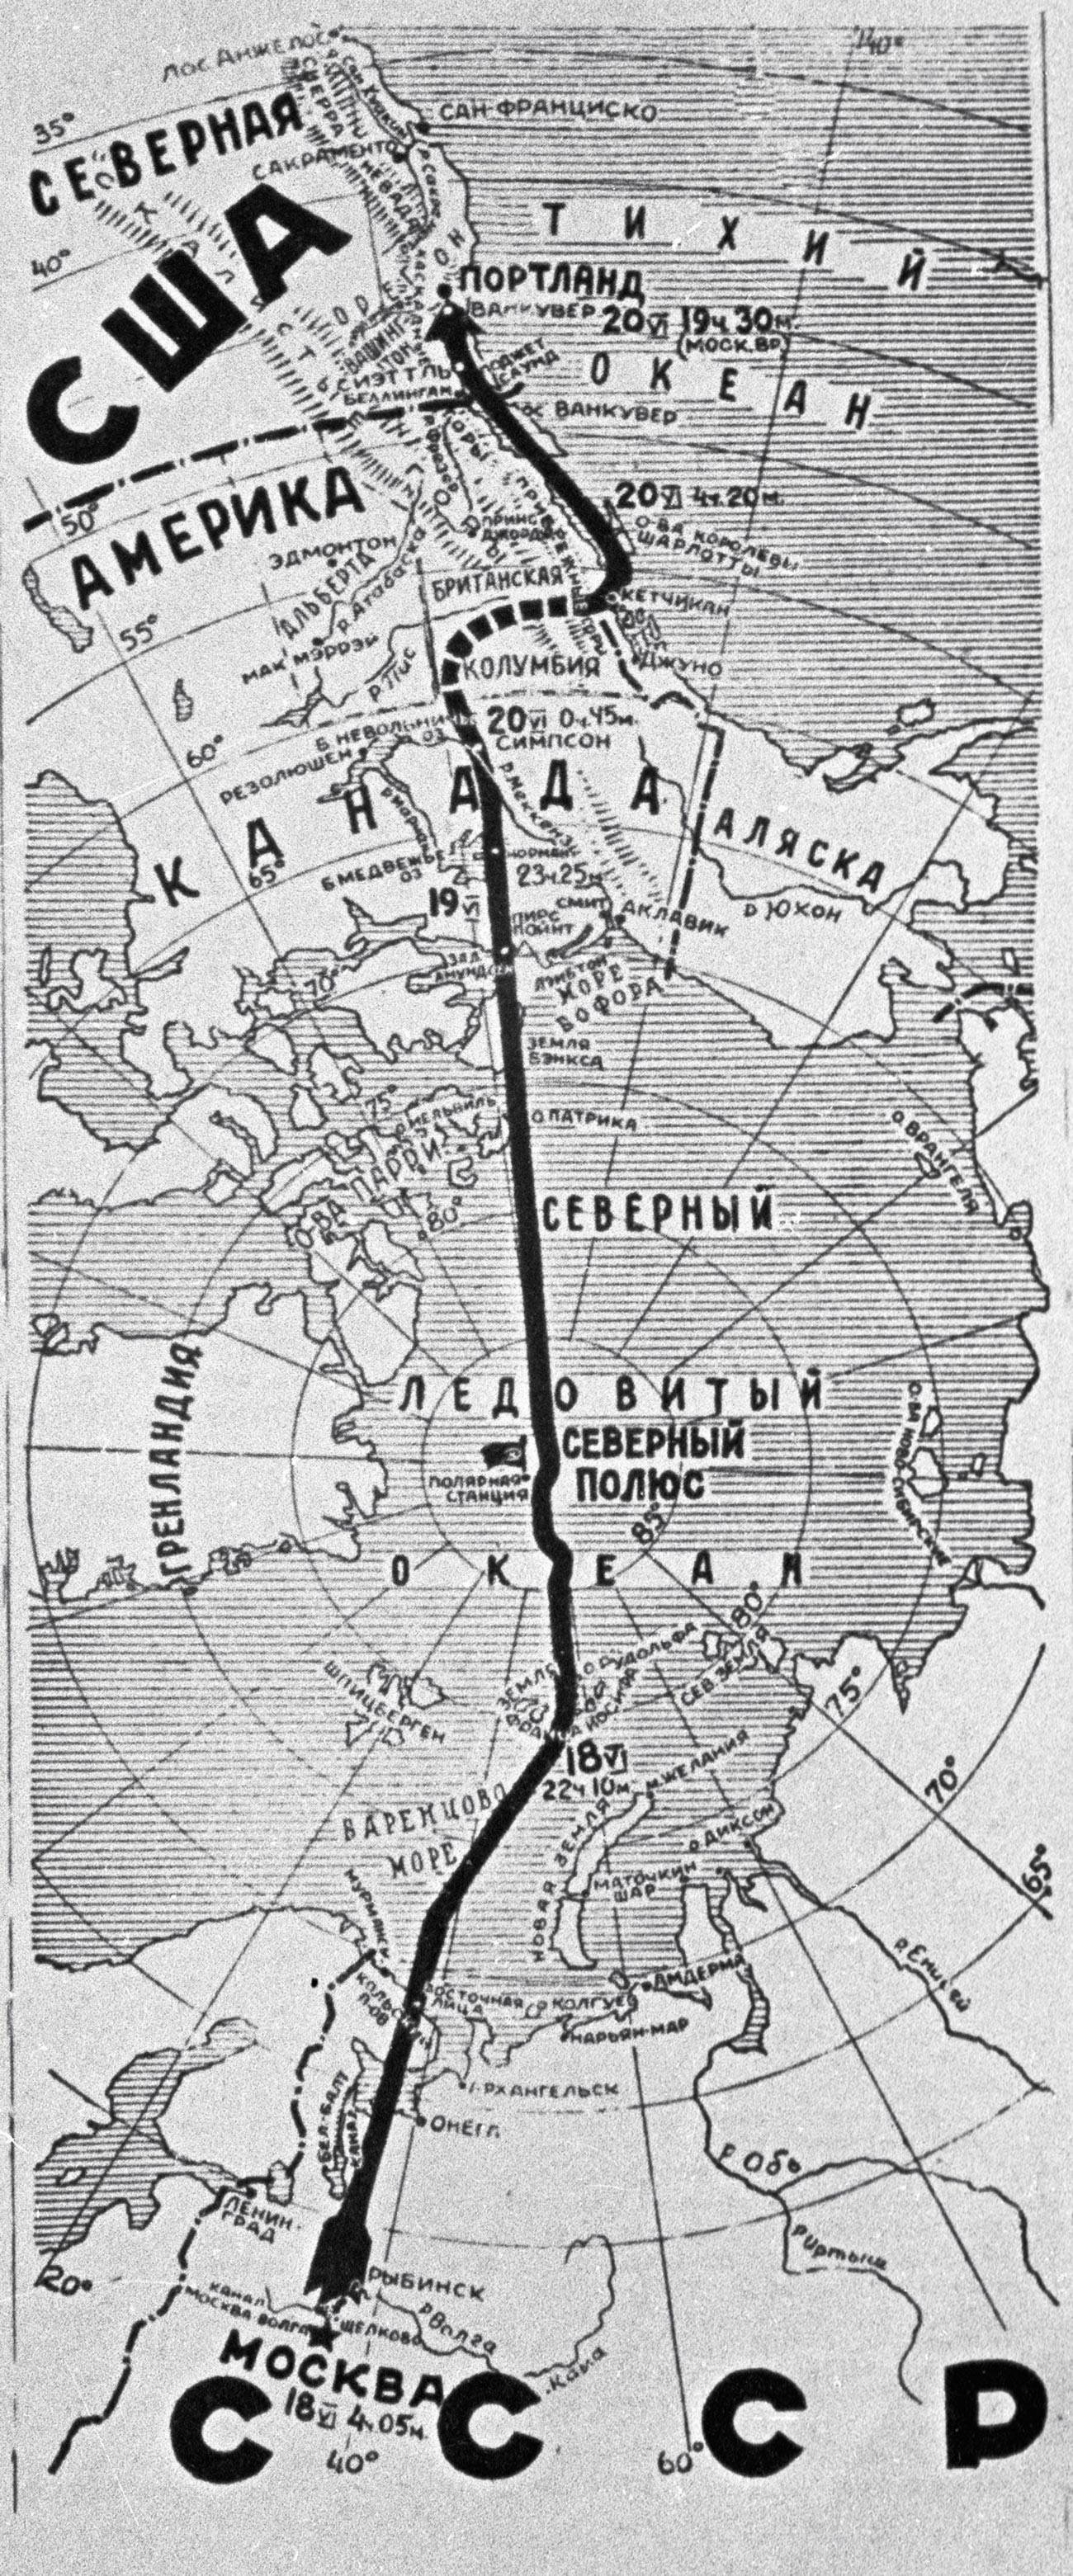 Chkalov ha volato con un aereo da Mosca a Vancouver, Washington, negli Stati Uniti, passando per il Polo Nord